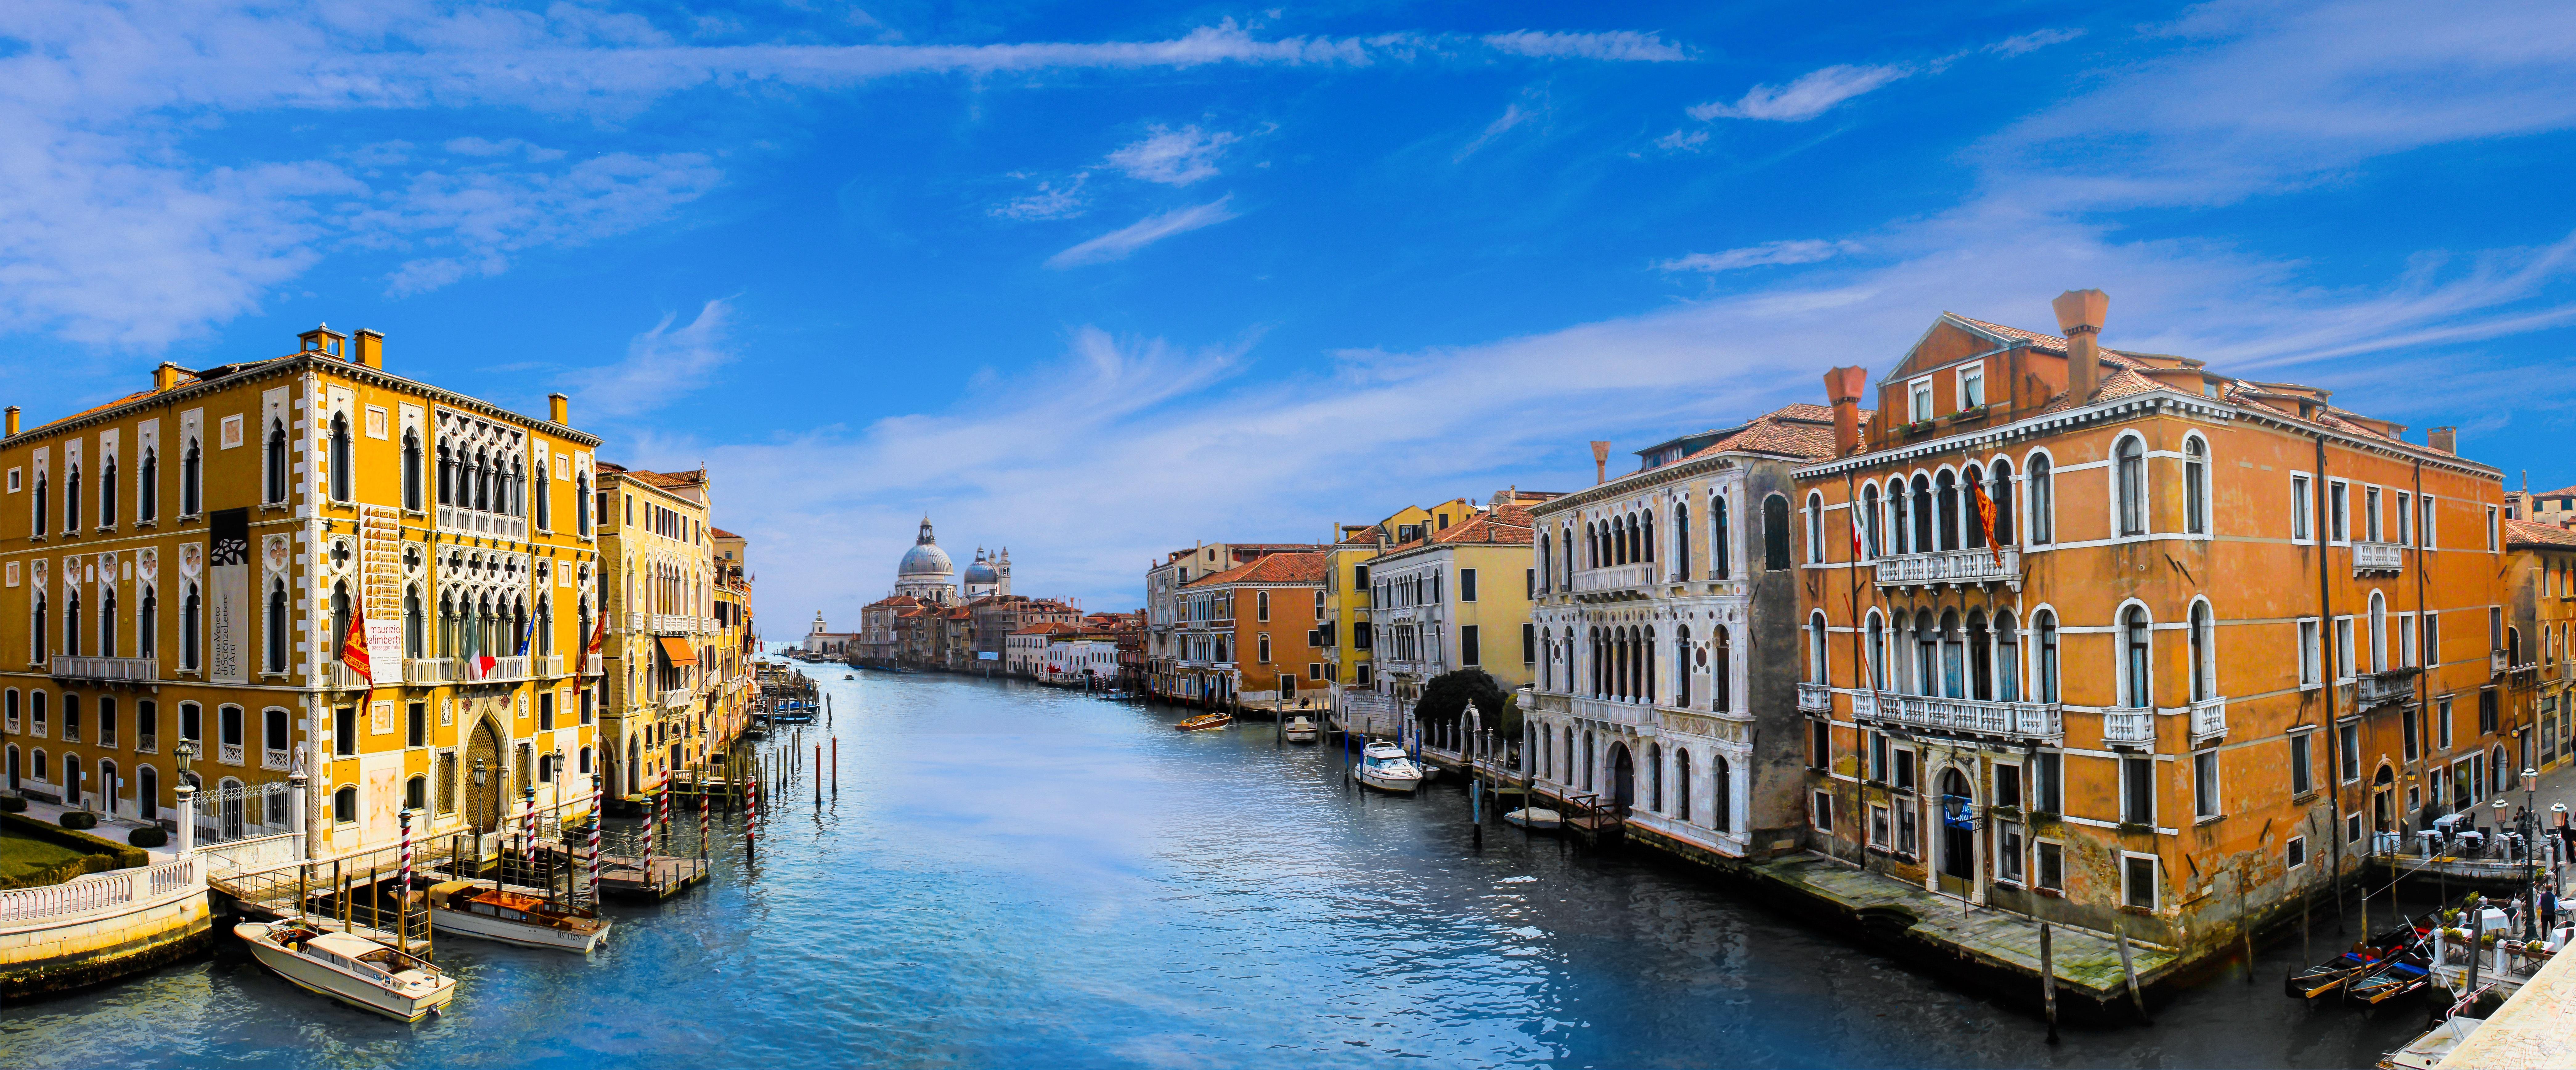 Venice, Italy, Honeymoon in Italy Travel Guide